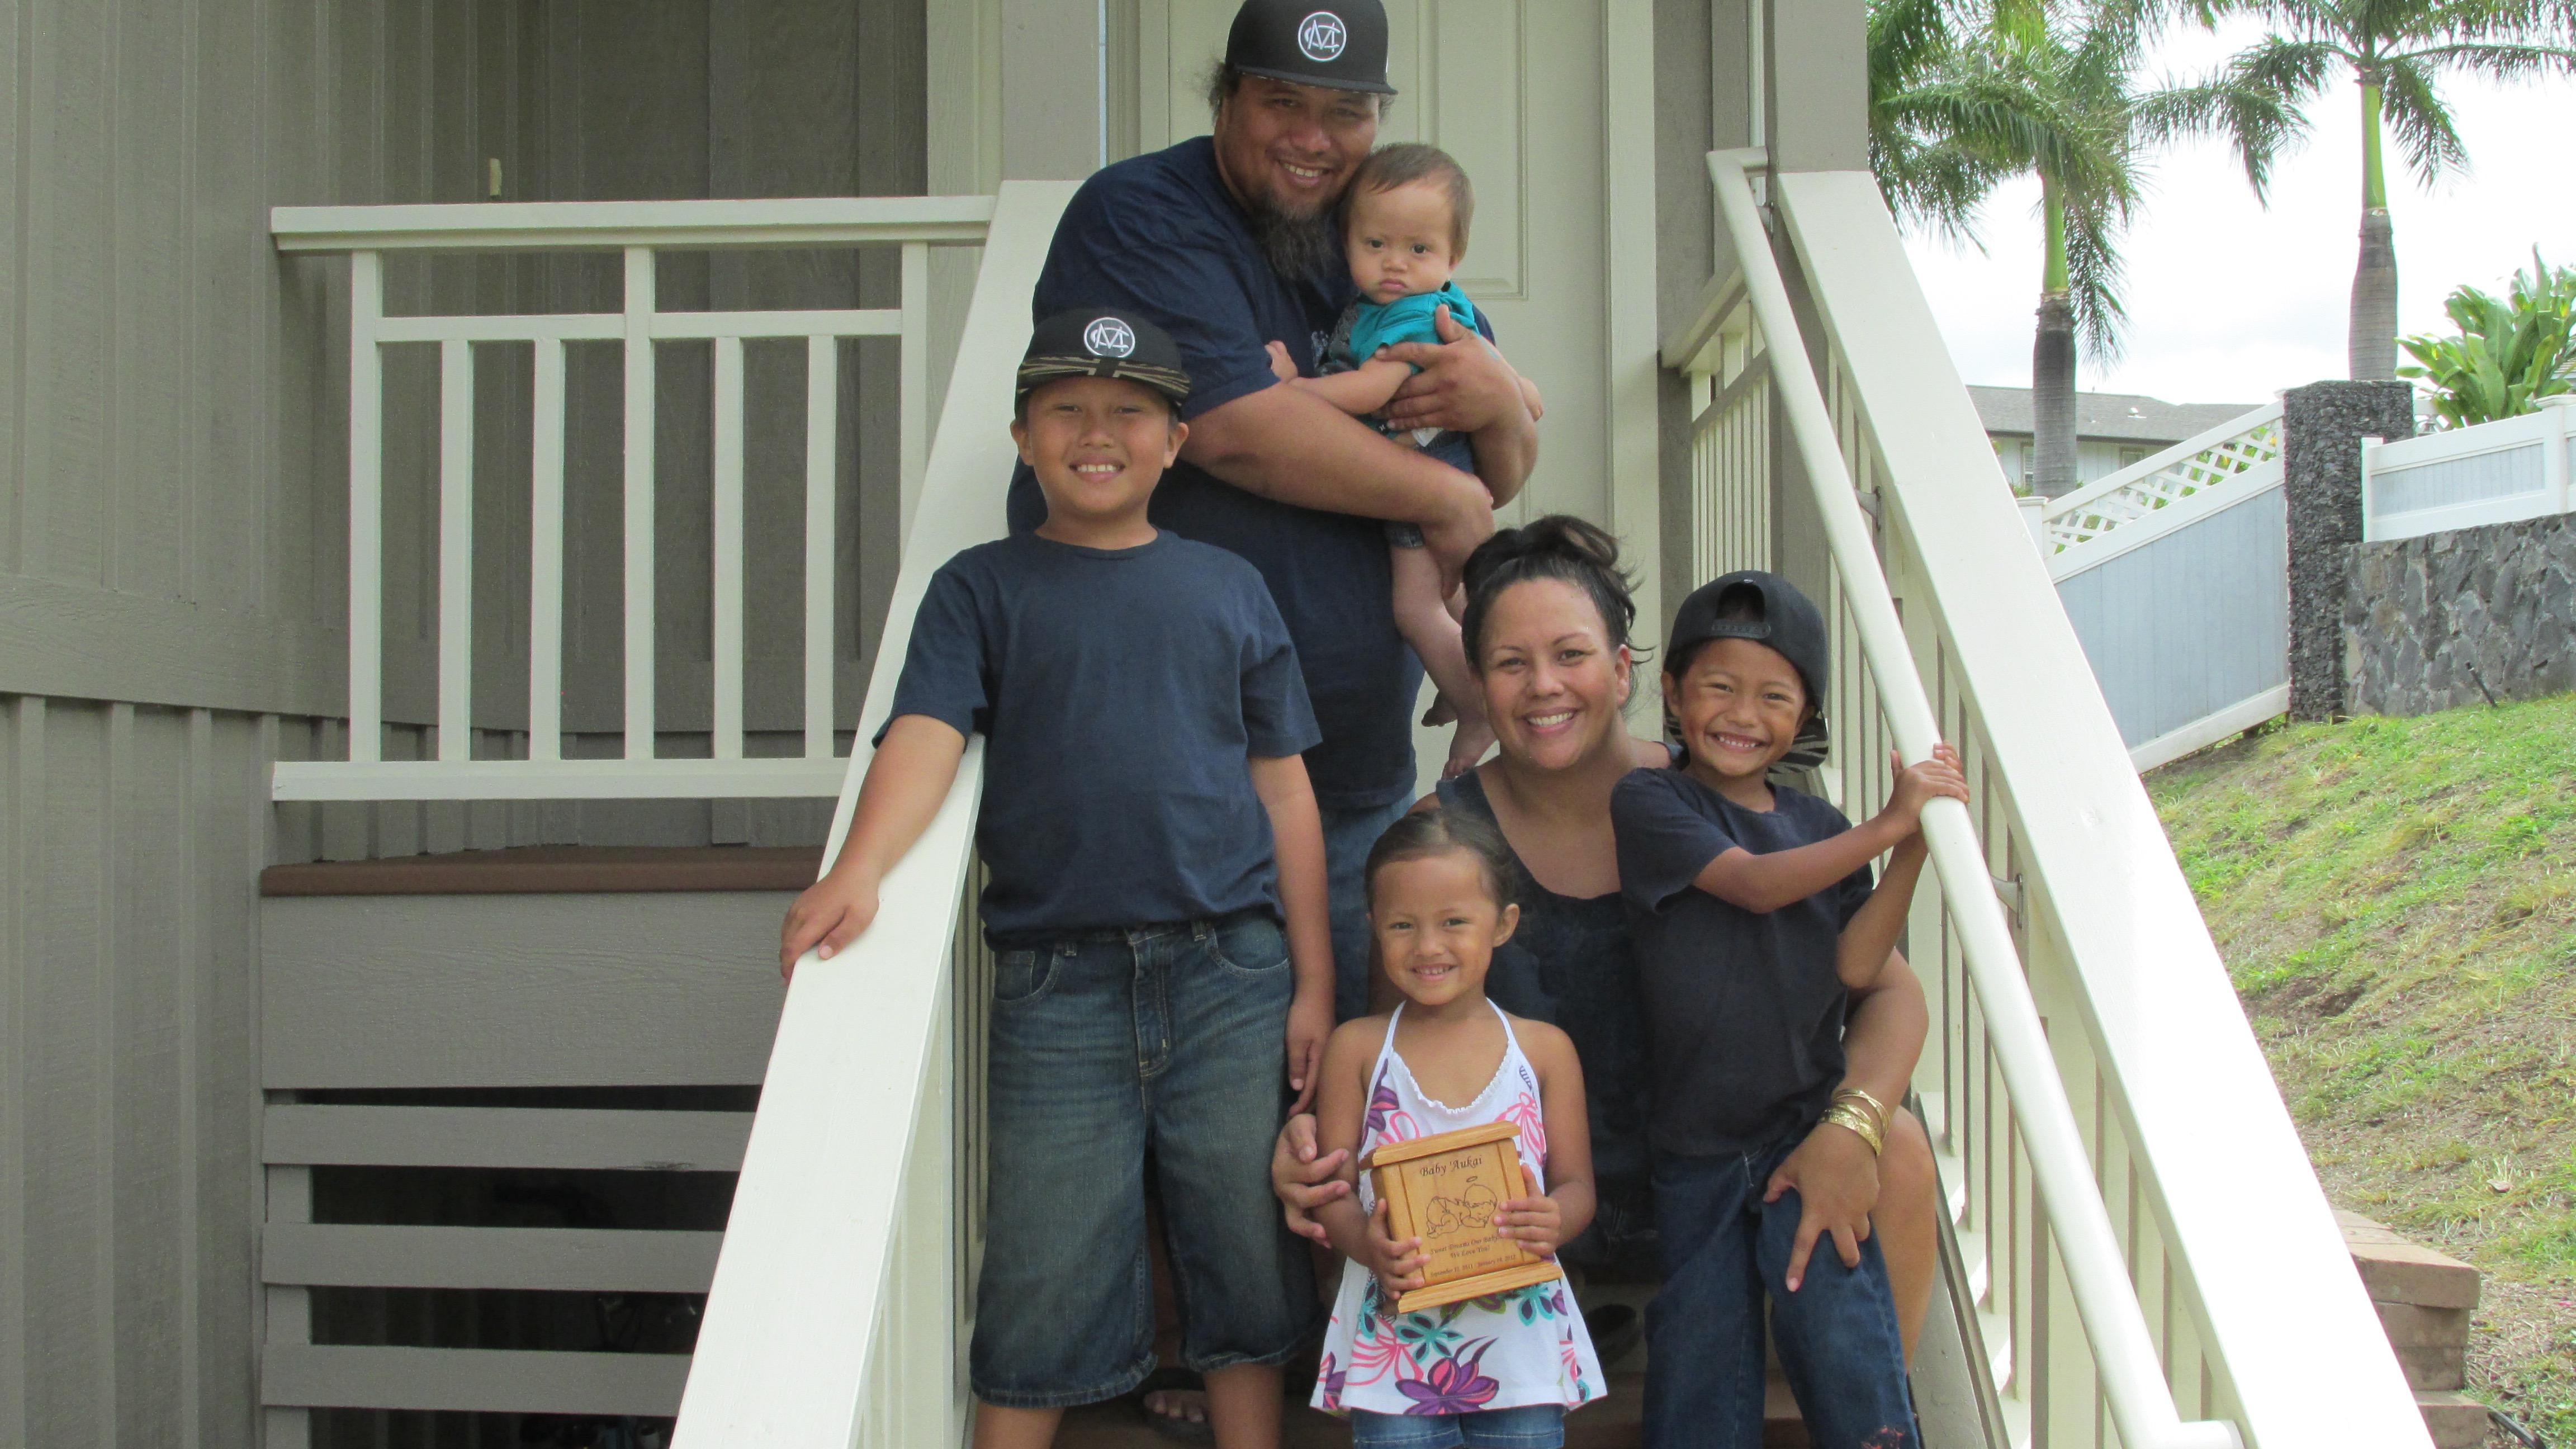 Maui Now : Nā Hale O Maui Places 35th Family in Affordable Home